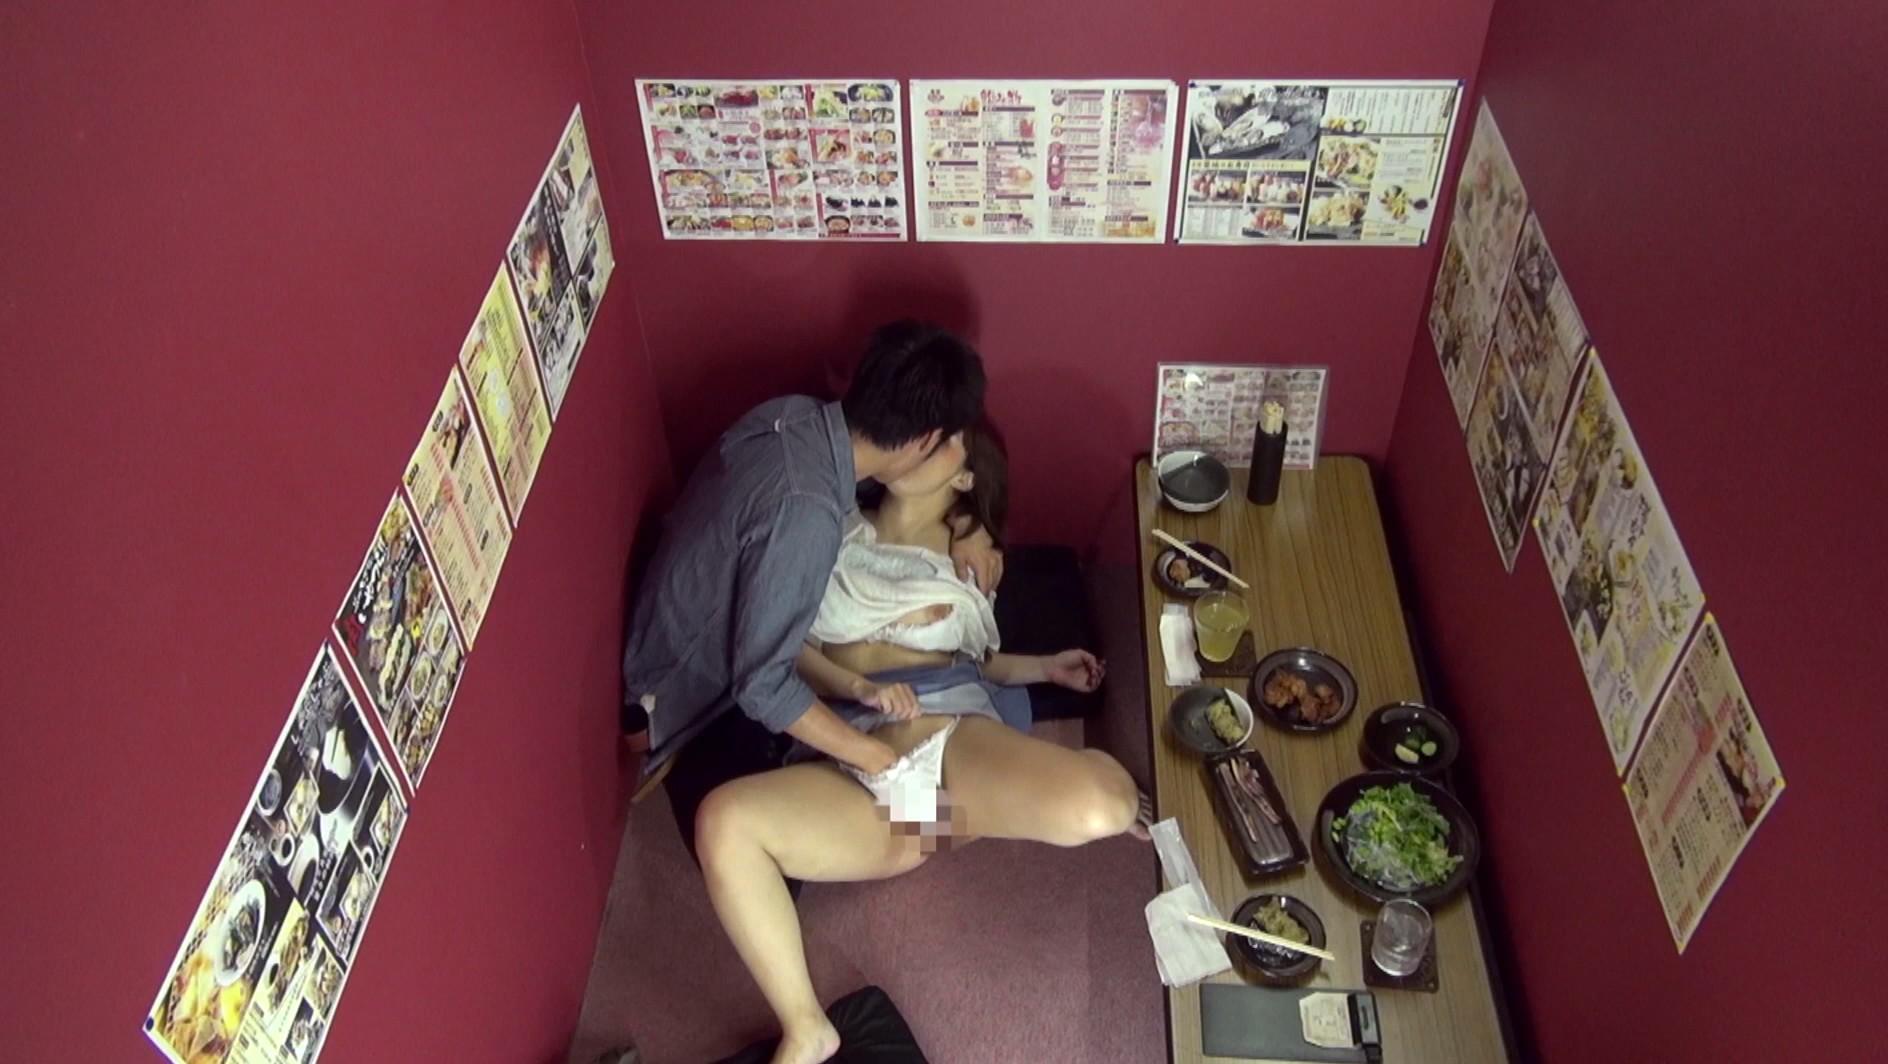 【悲報】泥酔した女が二次会で個室に連れ込まれる理由・・・・・・・(画像あり)・3枚目